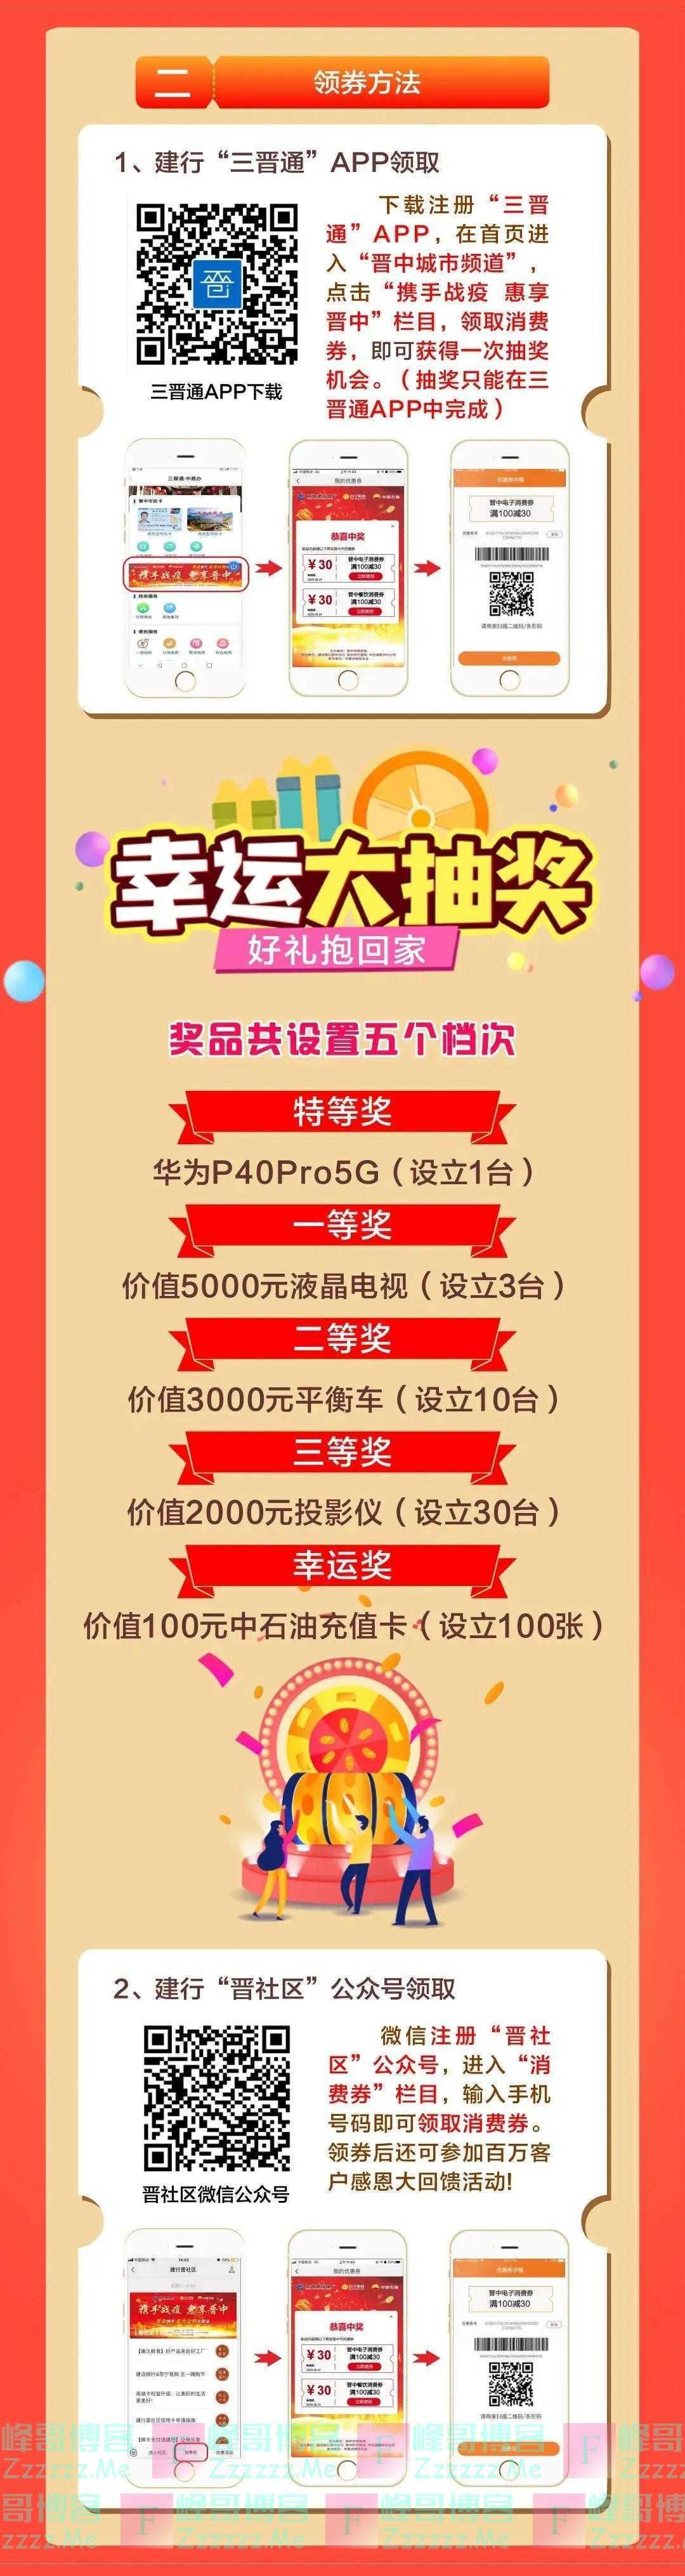 建行晋社区亿元领消费券抽好礼(截止5月31日)